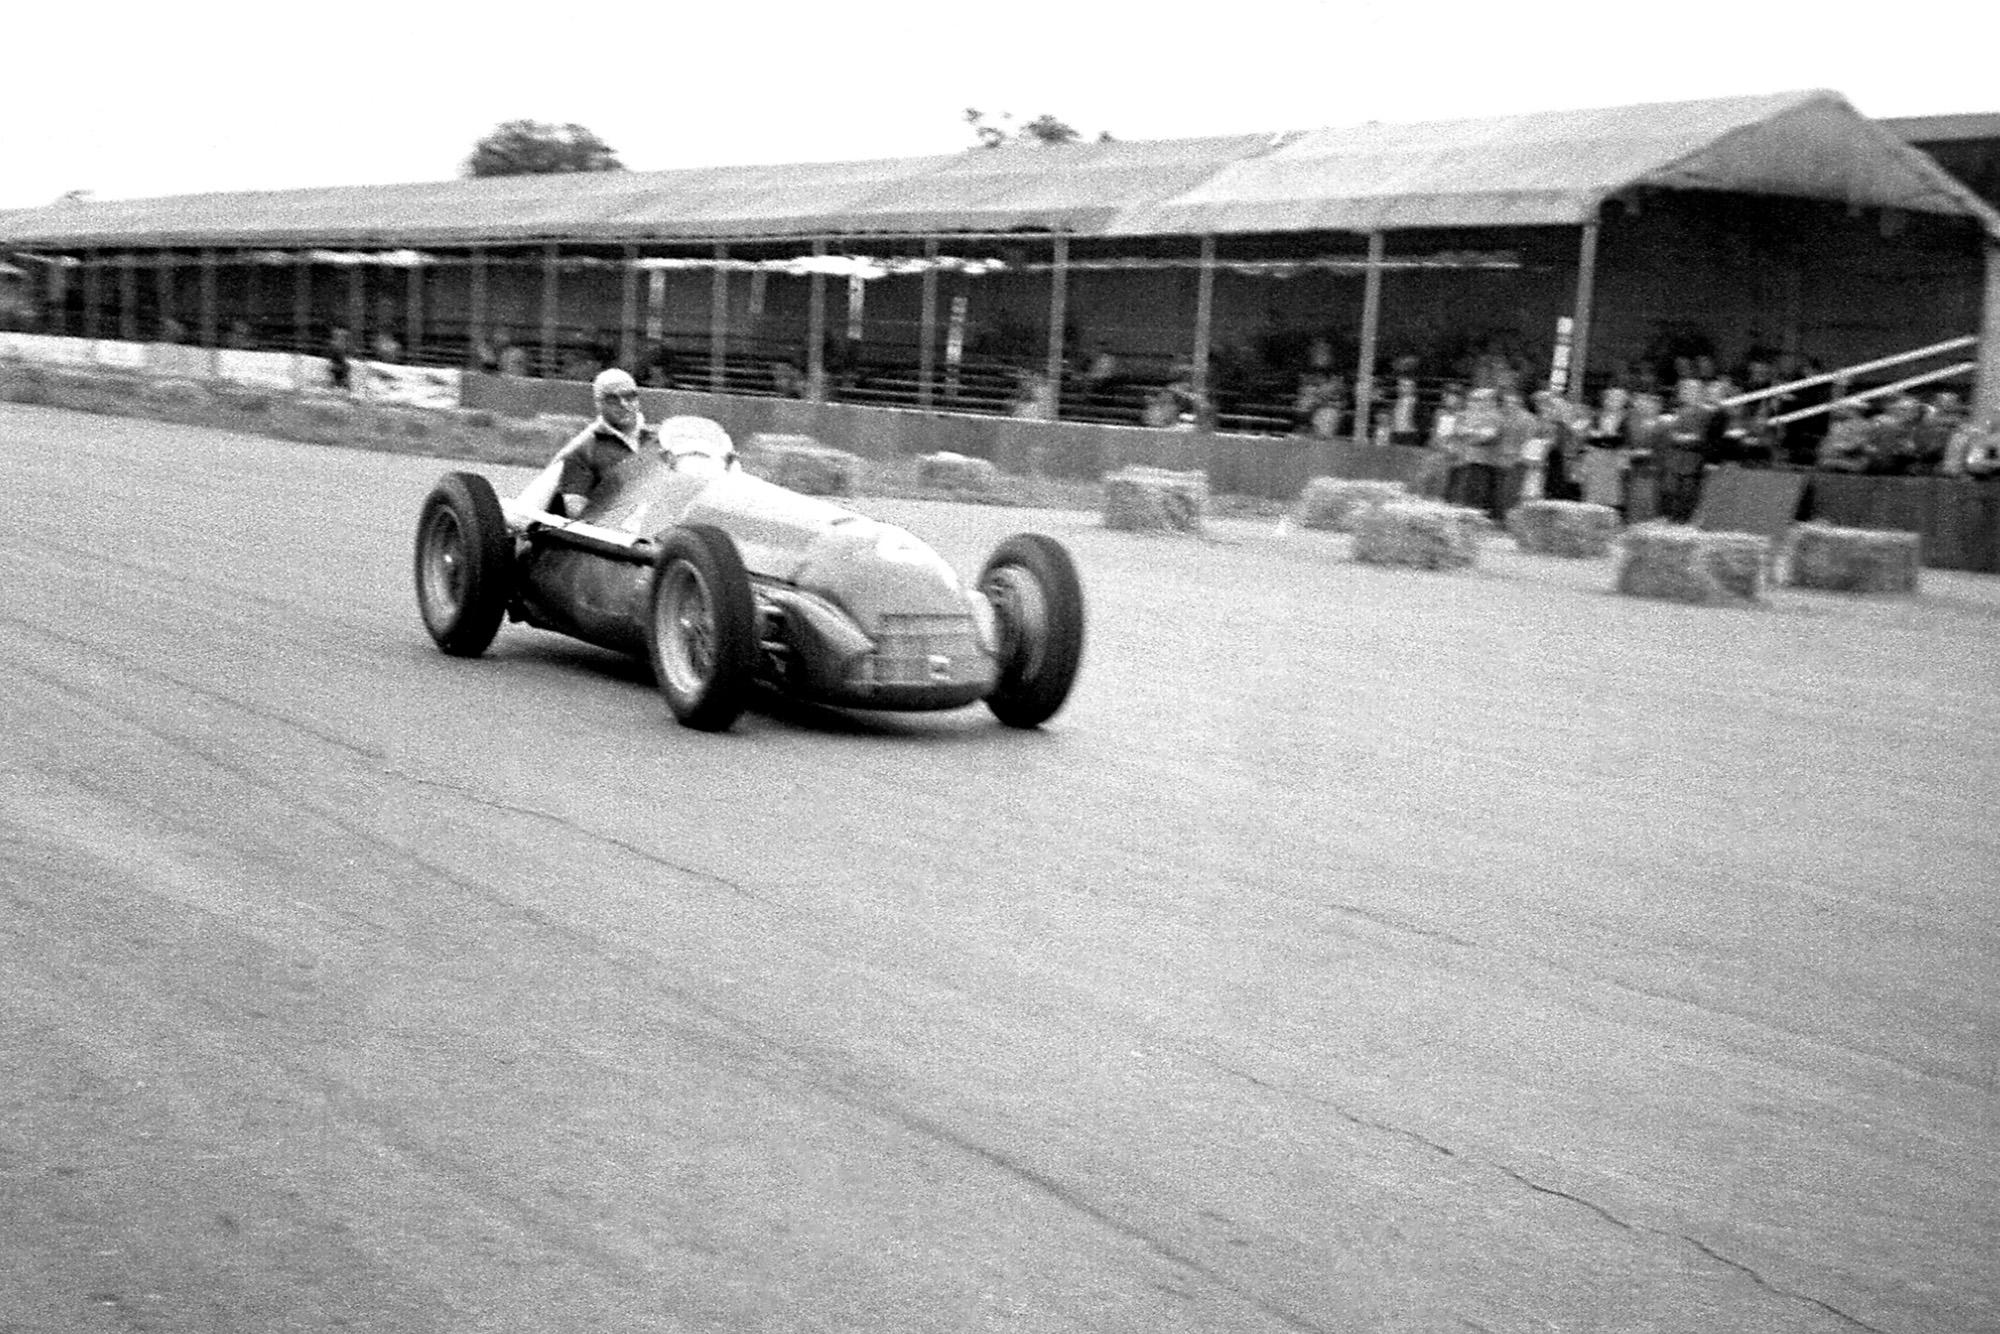 Luigi Fagiolo at the 1950 British Grand Prix at Silverstone